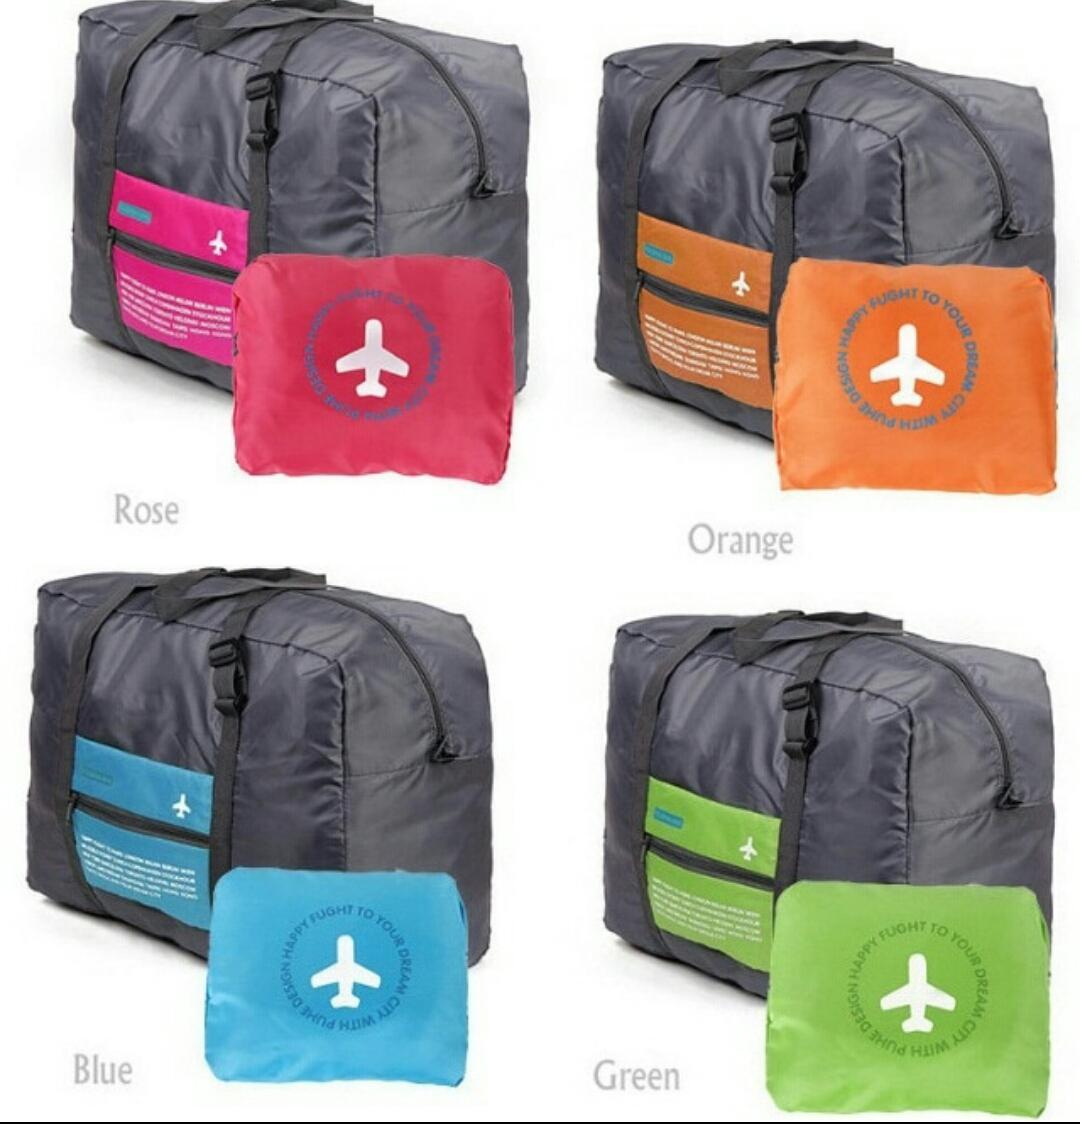 Kelebihan Tas Everyday Folding Travel Simple Bag Ringkas Multifungsi Foldable Msquare Lipat Koper Bisnis Gym 32l